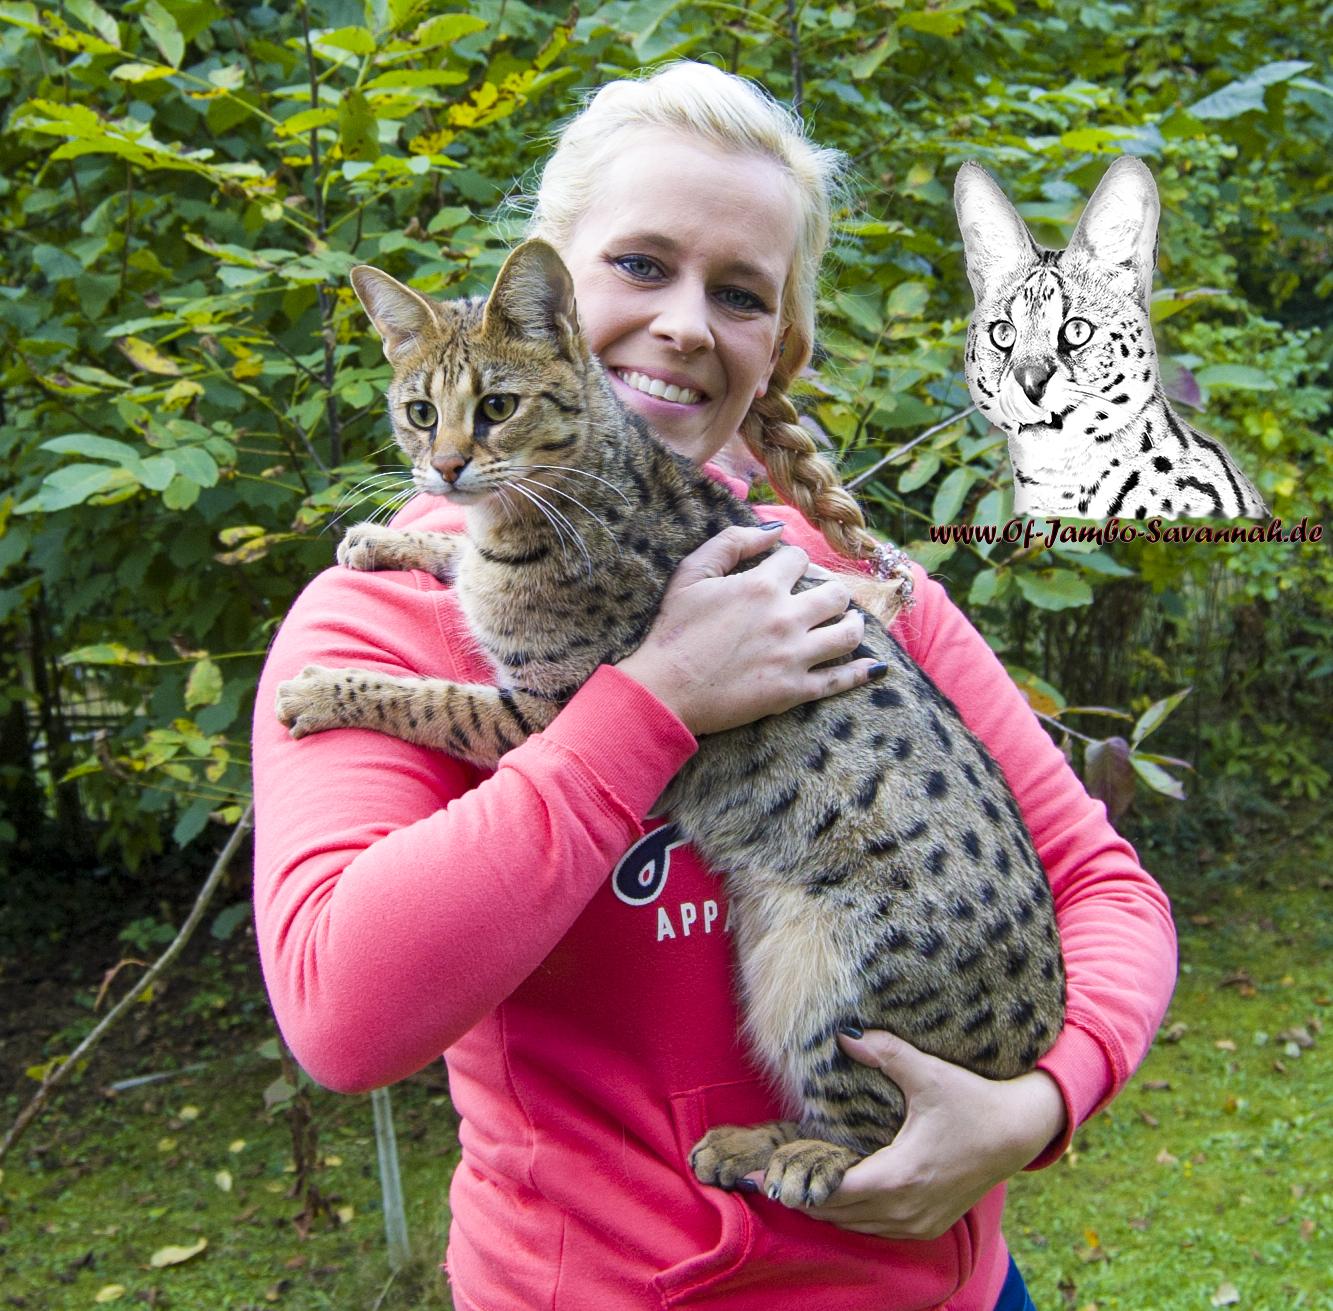 Savannahcat, Savannahkatze, Savannahbreeder, Catbreeder, Savannahzucht, Angela Hönig